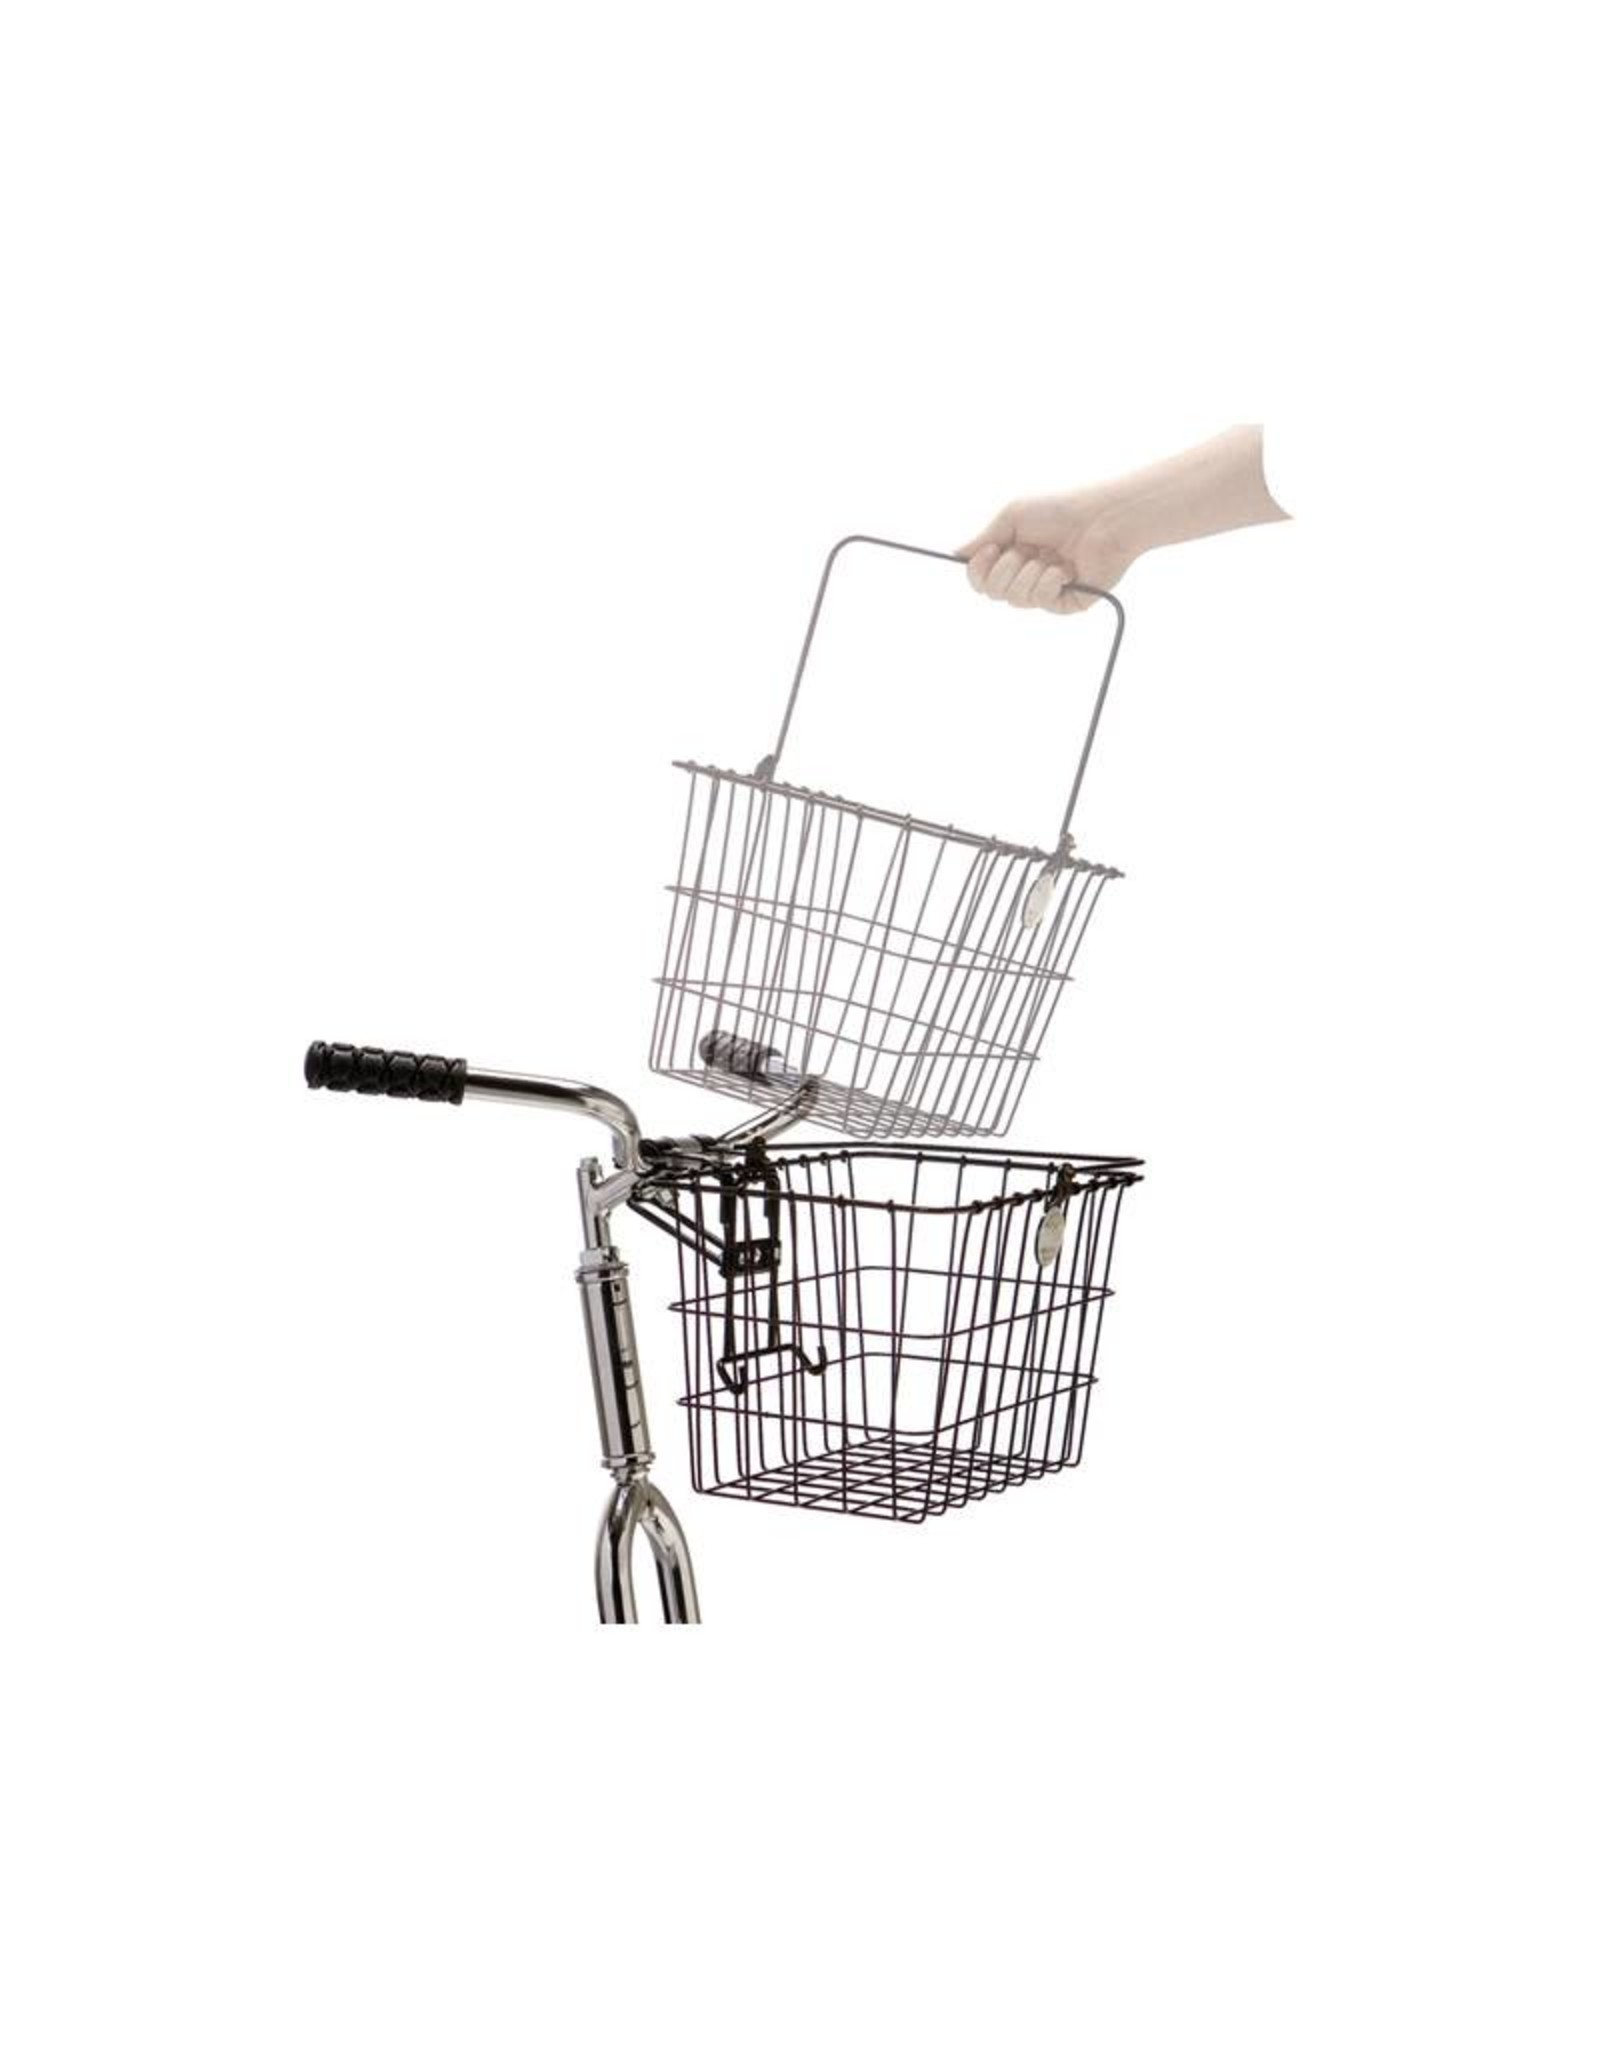 WALD Detachable Front Basket